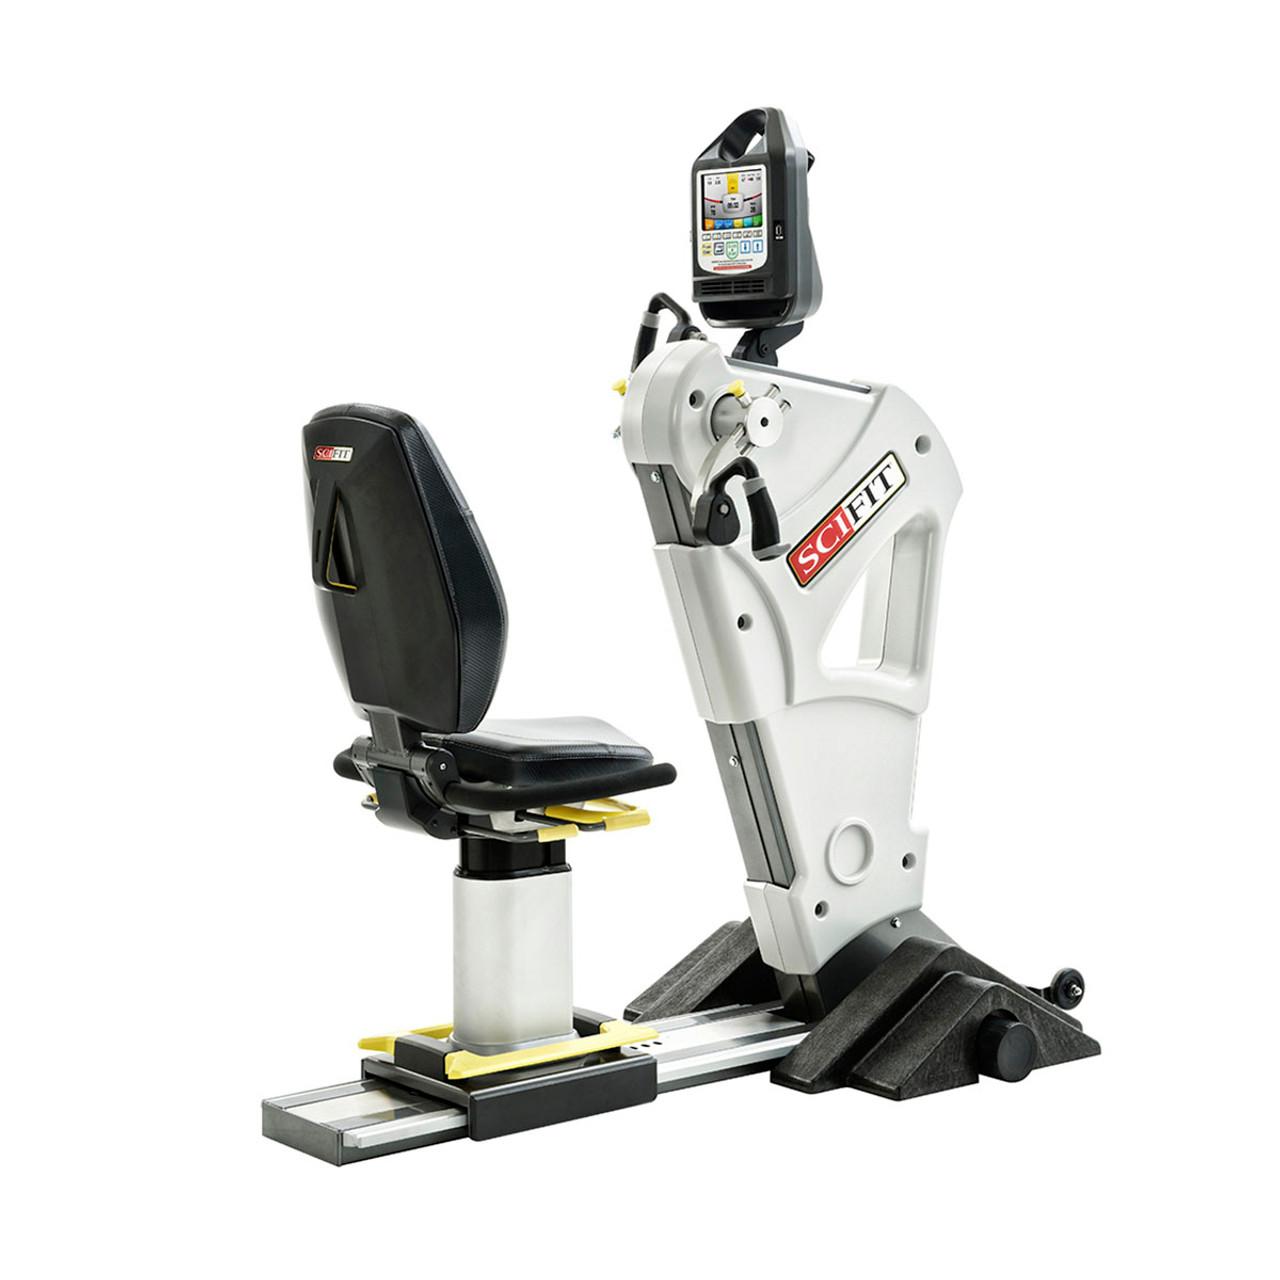 SciFit PRO1000 Upper Body Exerciser - Adjustable Cranks - Standard Seat